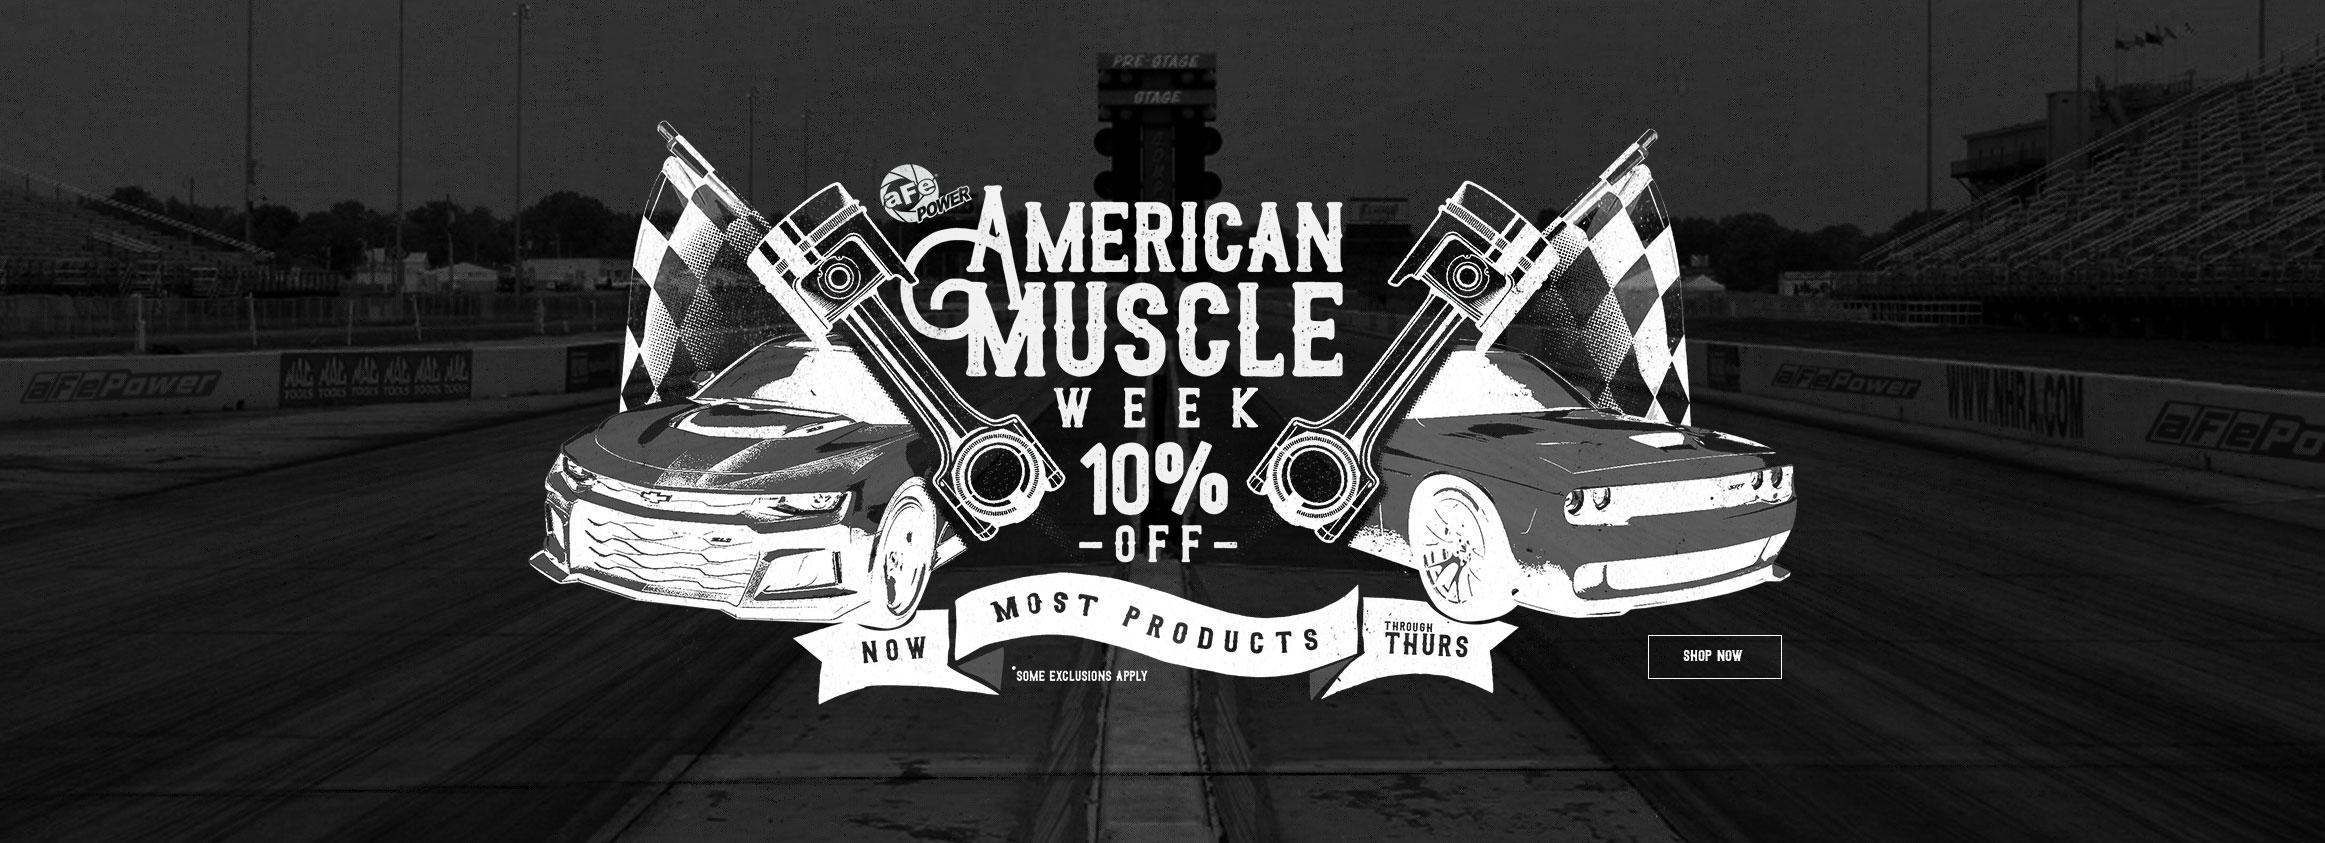 American Muscle Week